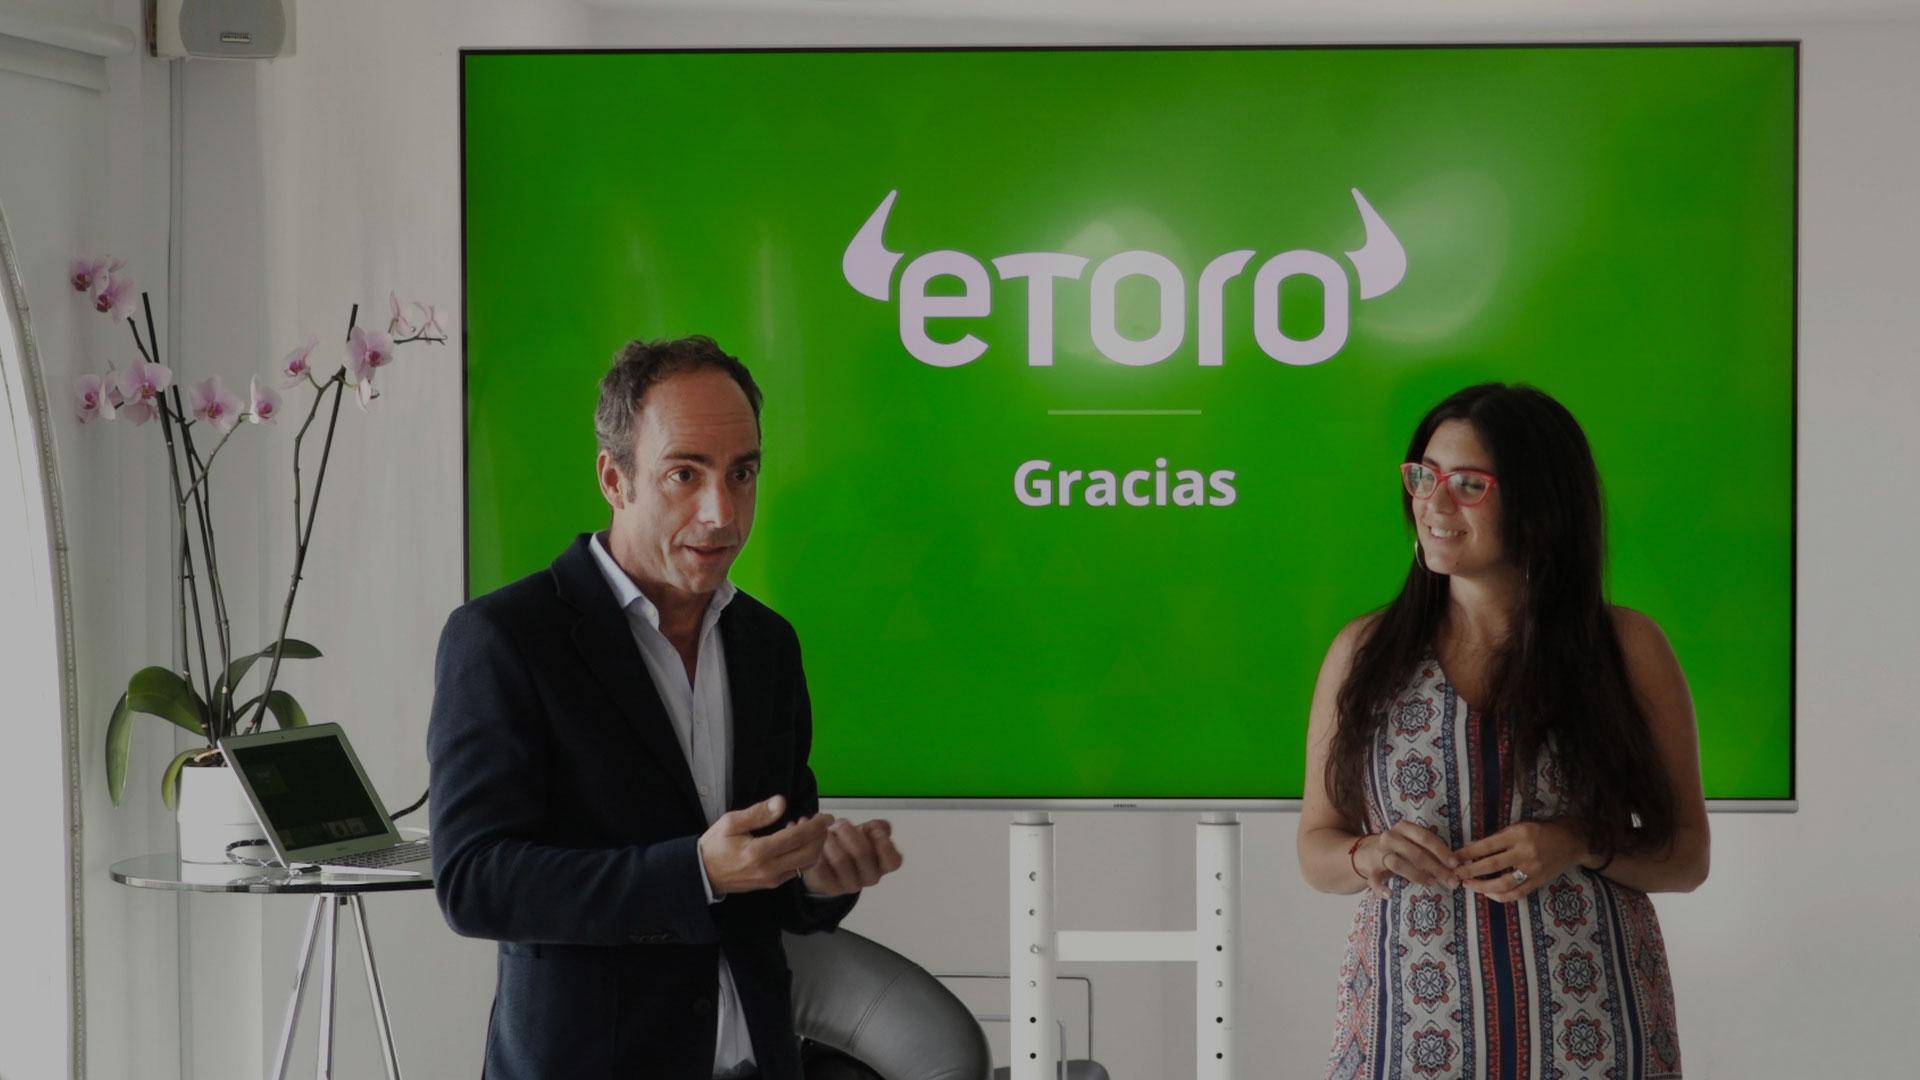 Rueda de prensa de eToro, una puesta en escena rompedora dentro del sector financiero